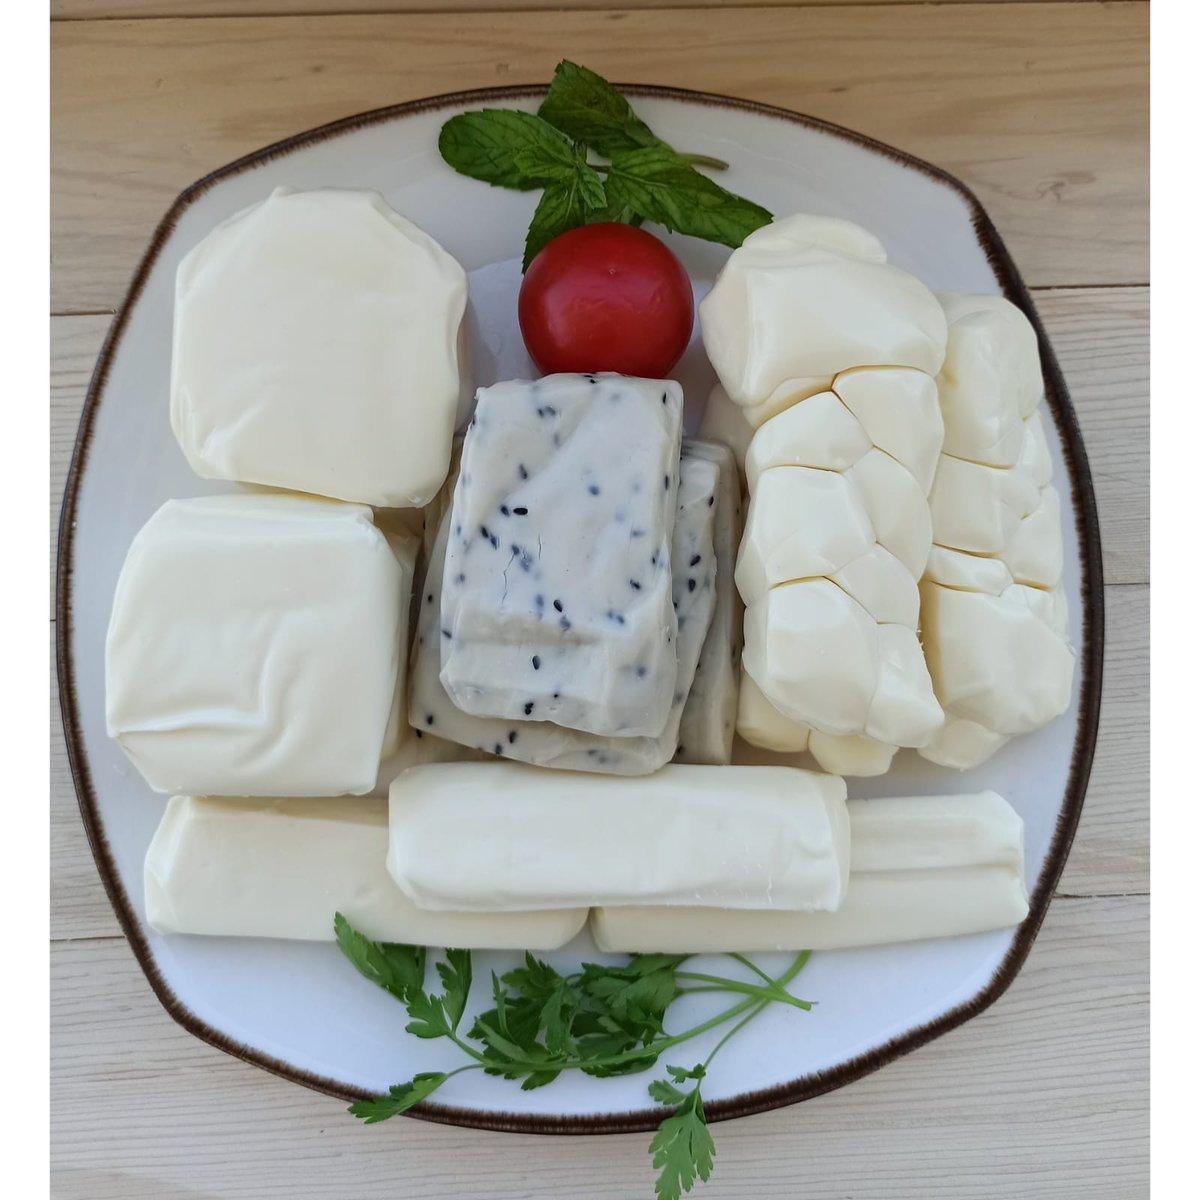 Süt ürünlerimiz: 🌿Tereyağı 🌿Künefe peyniri 🌿Tuzsuz rulo peyniri 🌿Yaprak peynir 🌿Tel peyniri 🌿Örgü peyniri 🌿Kızartma peynir 🌿Kaşar peyniri 🌿Lor 🌿Lavaş peyniri 🌿Dil peyniri 🌿Çubuk peyniri 🌿Otlu peynir 🌿Tuzlu yoğurt 🌿Sürk Byrunuz DM ye. Rt de yapabilir msnz lütfen 😊 https://t.co/uCNzjDWPUG